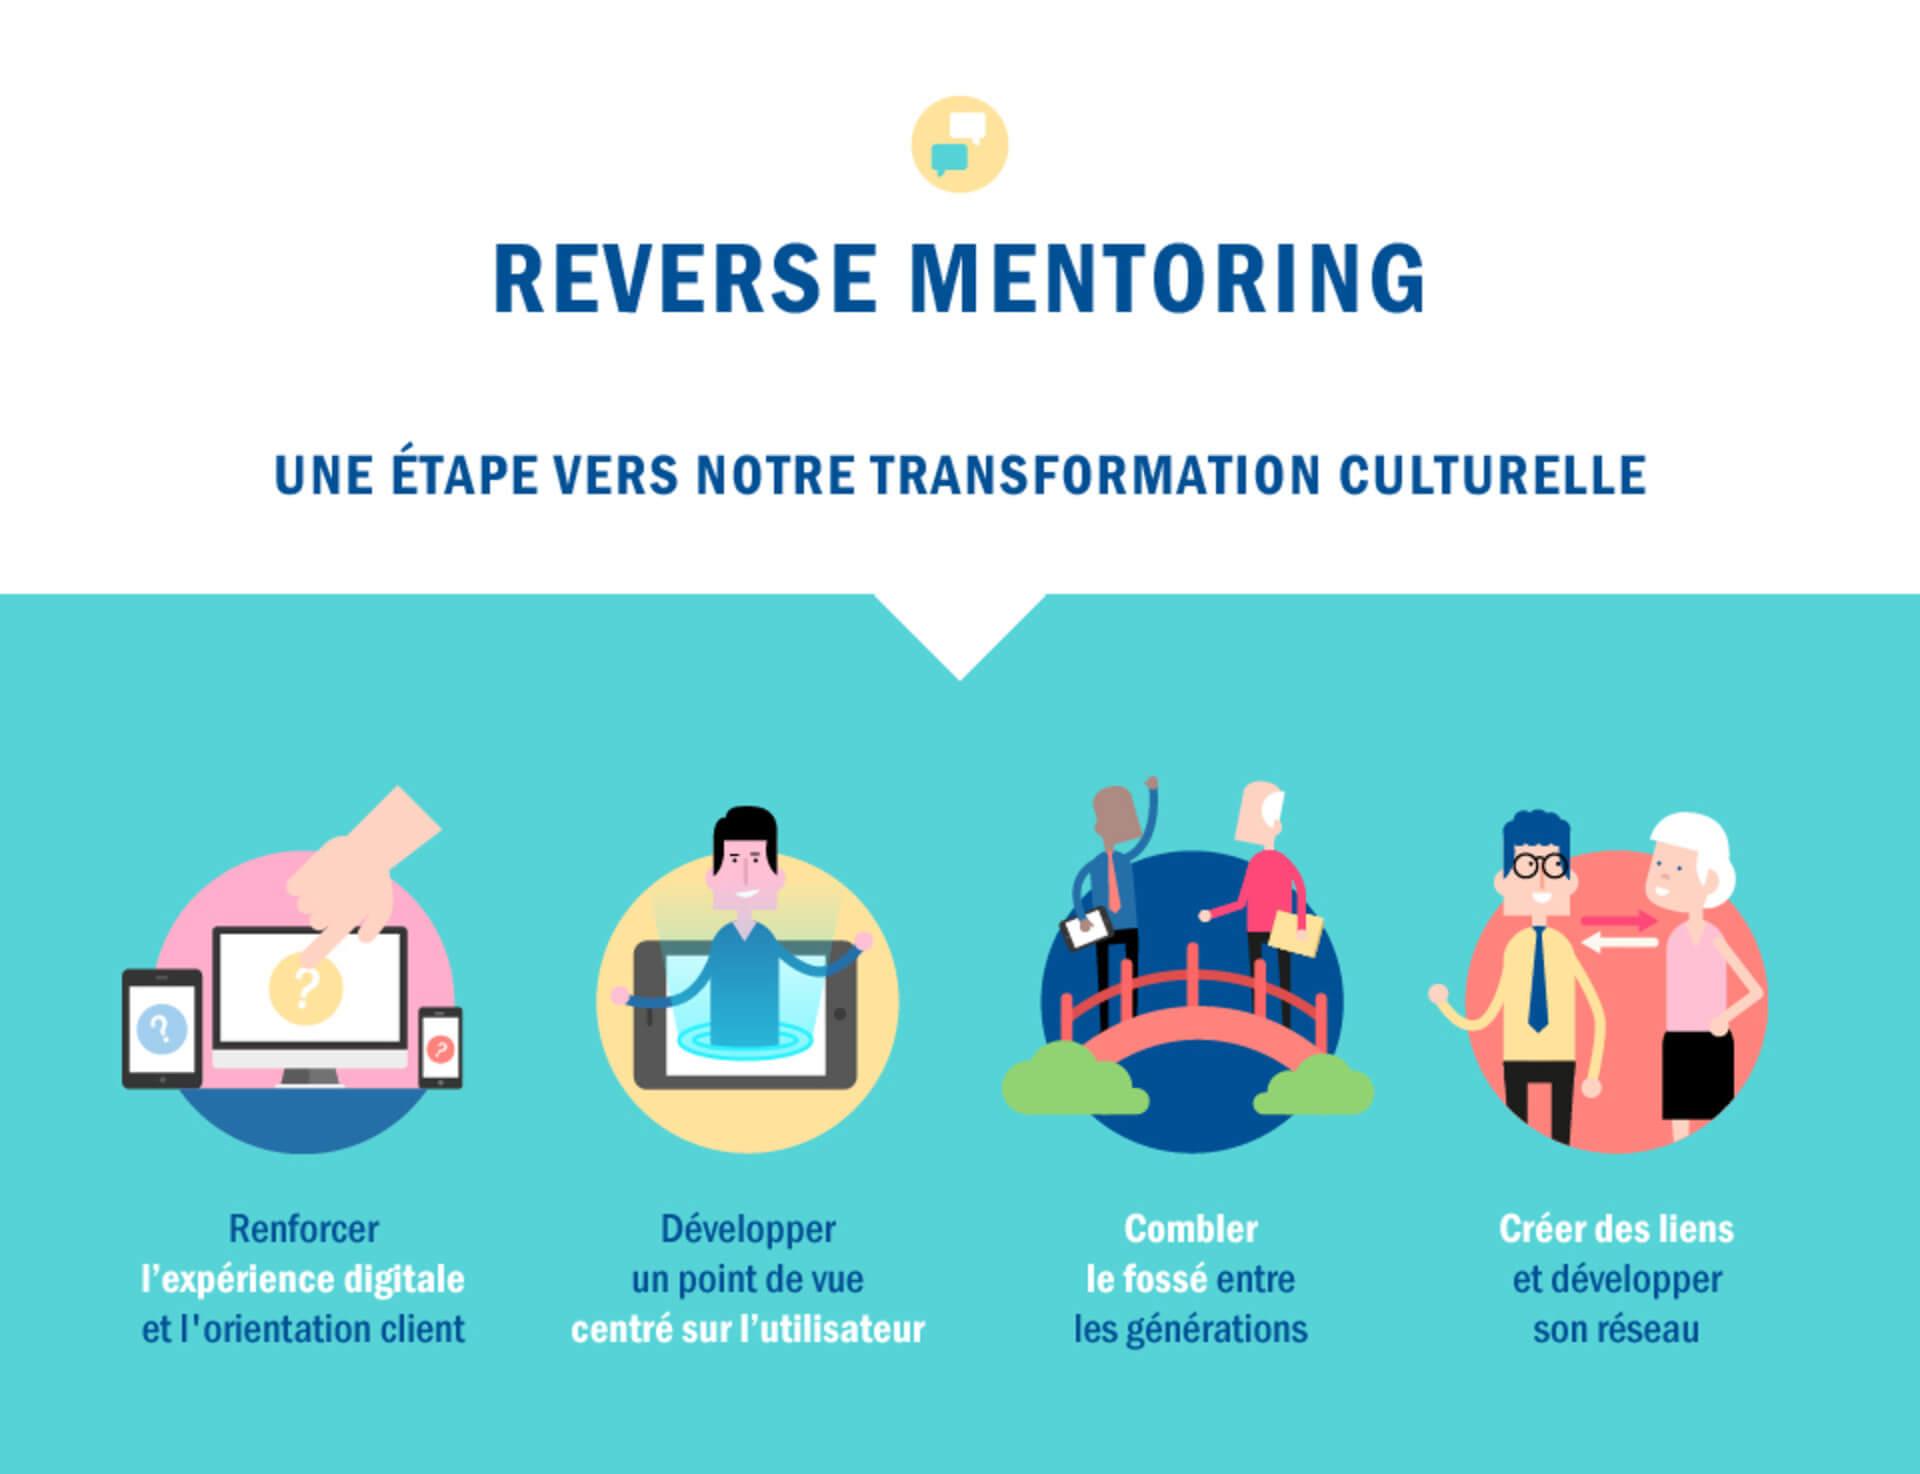 Quels sont les avantages du reverse mentoring ?